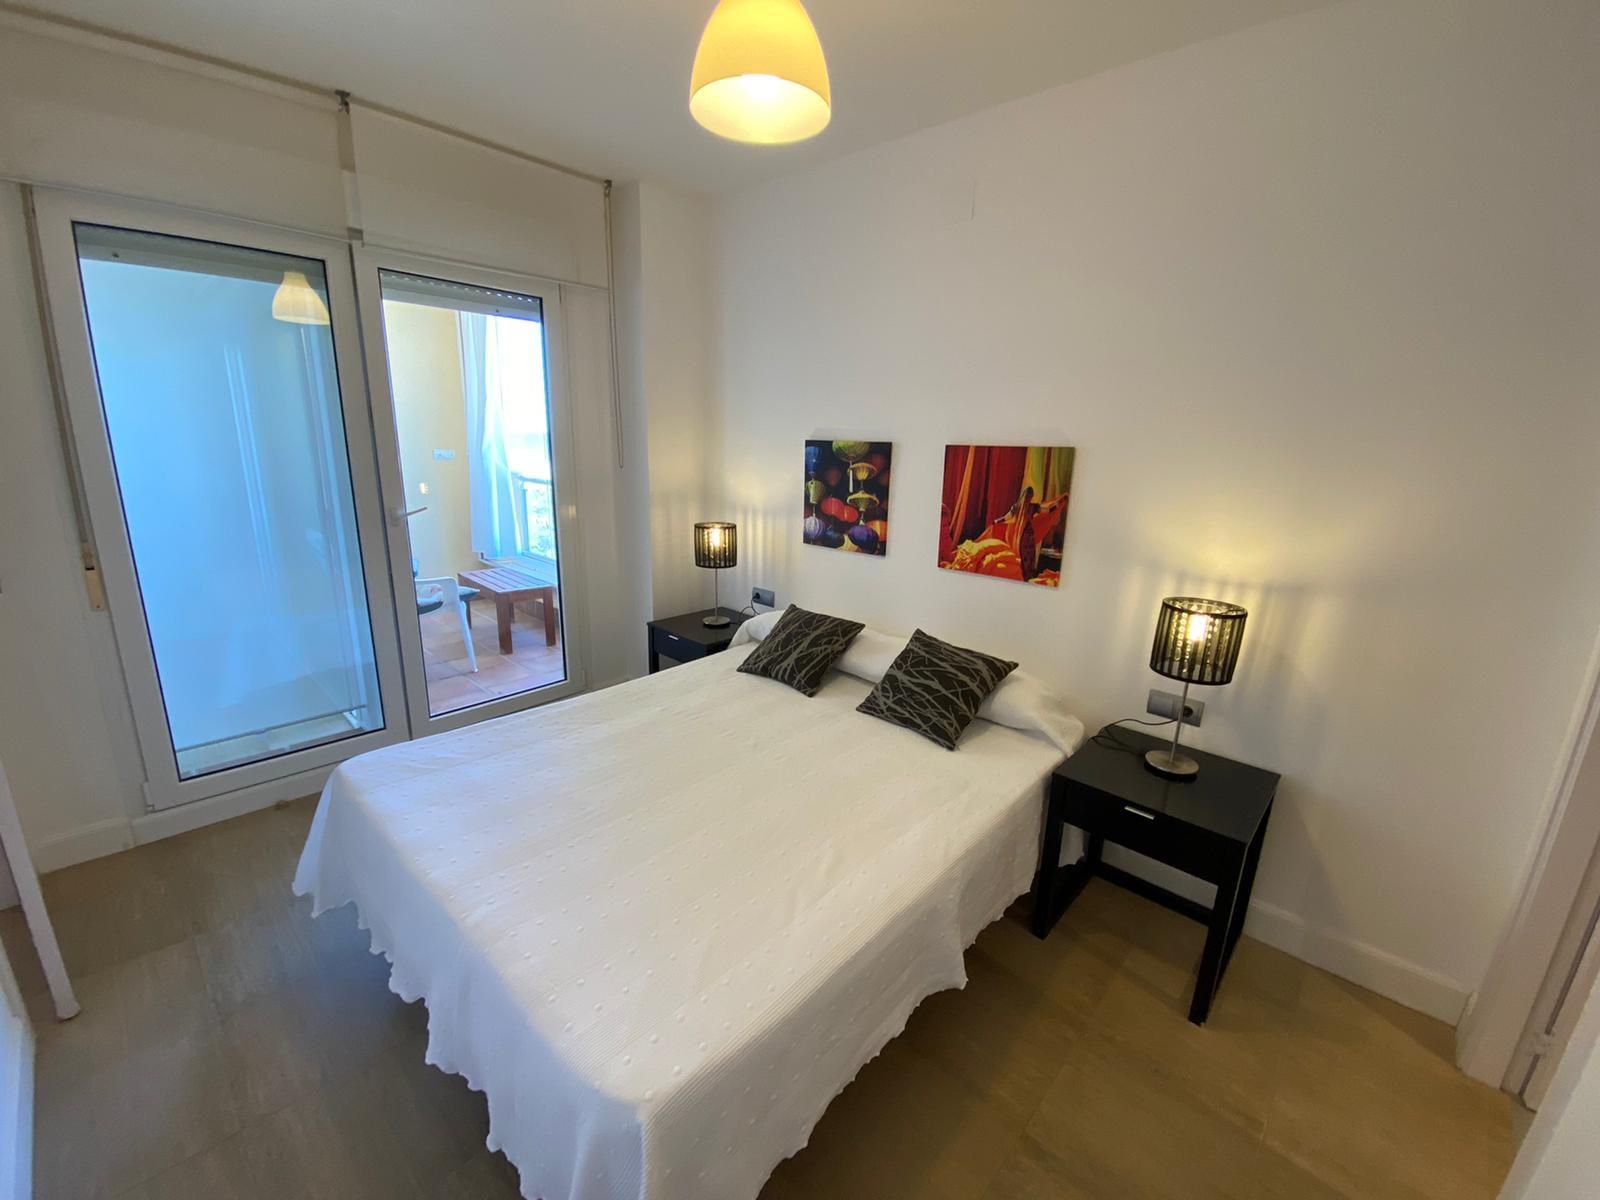 Imagen 1 del Apartamento Turístico, Ático 8 Poniente (3d+2b), Punta del Moral (HUELVA), Paseo de la Cruz nº22